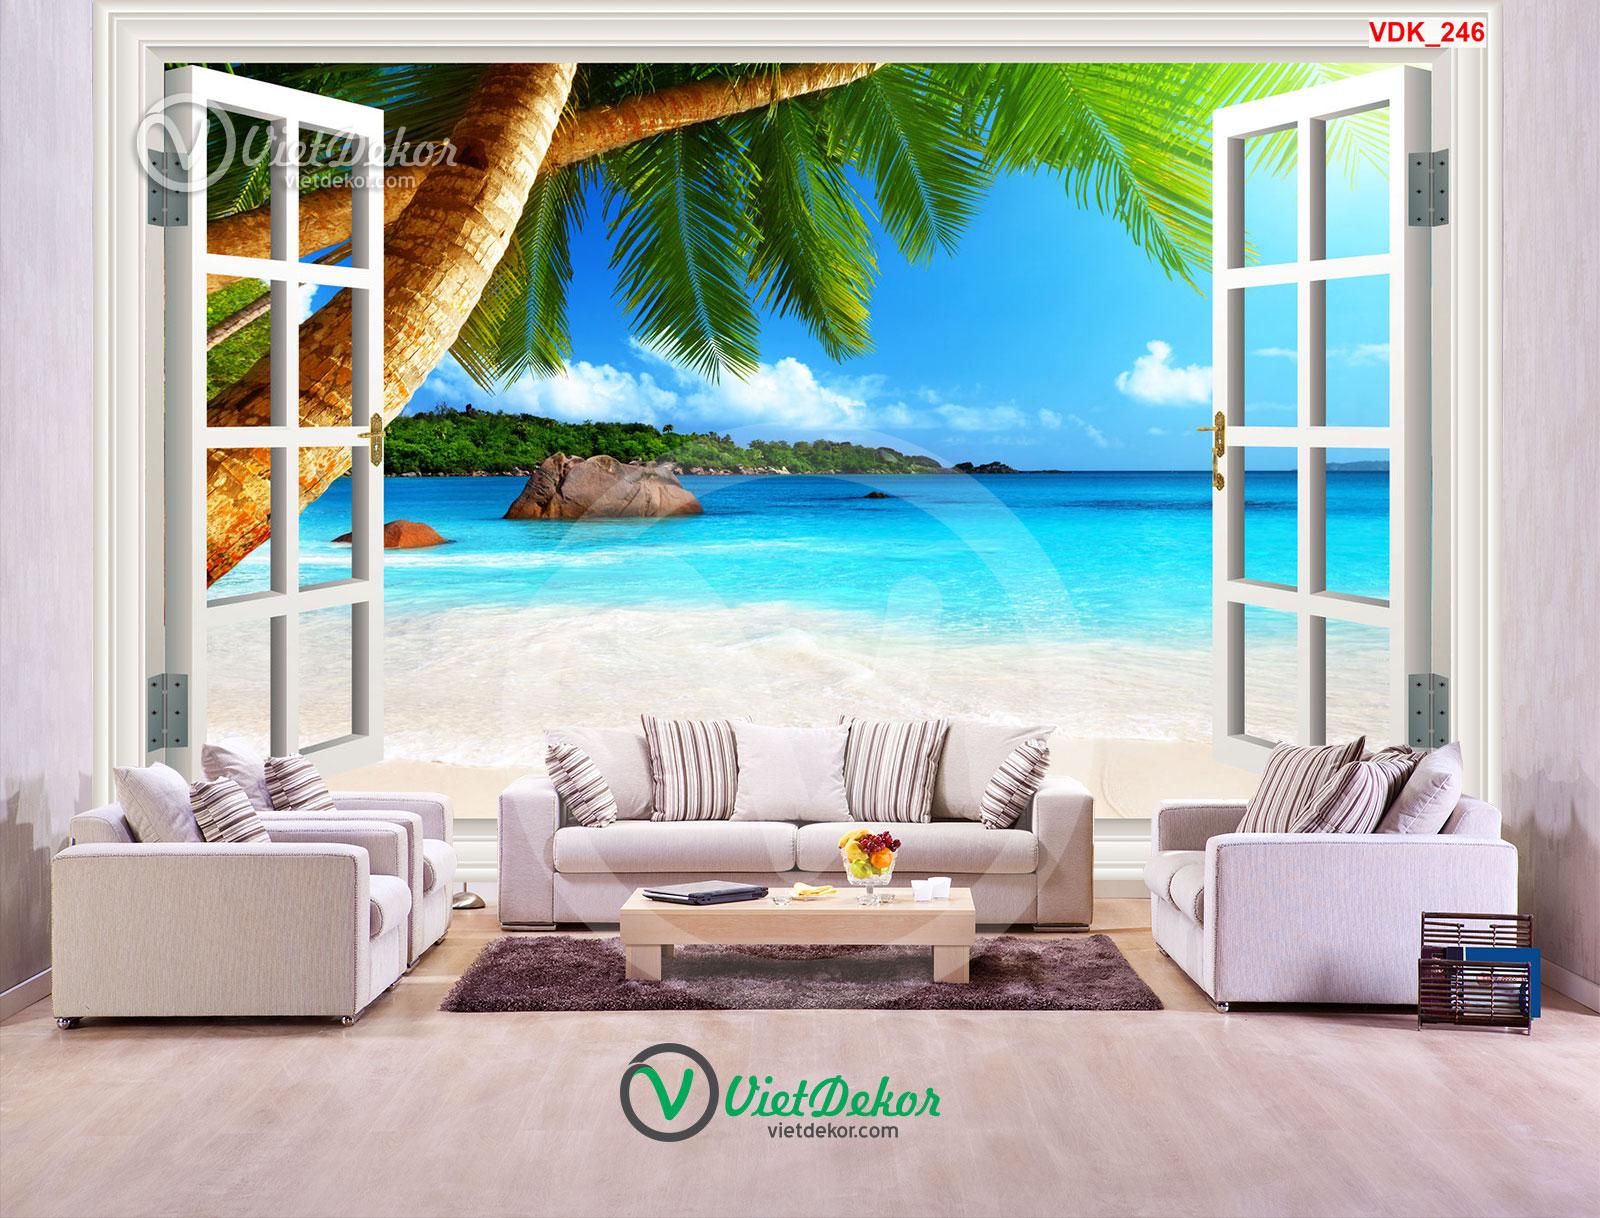 Tranh dán tường 3d phong cảnh trên bãi biển